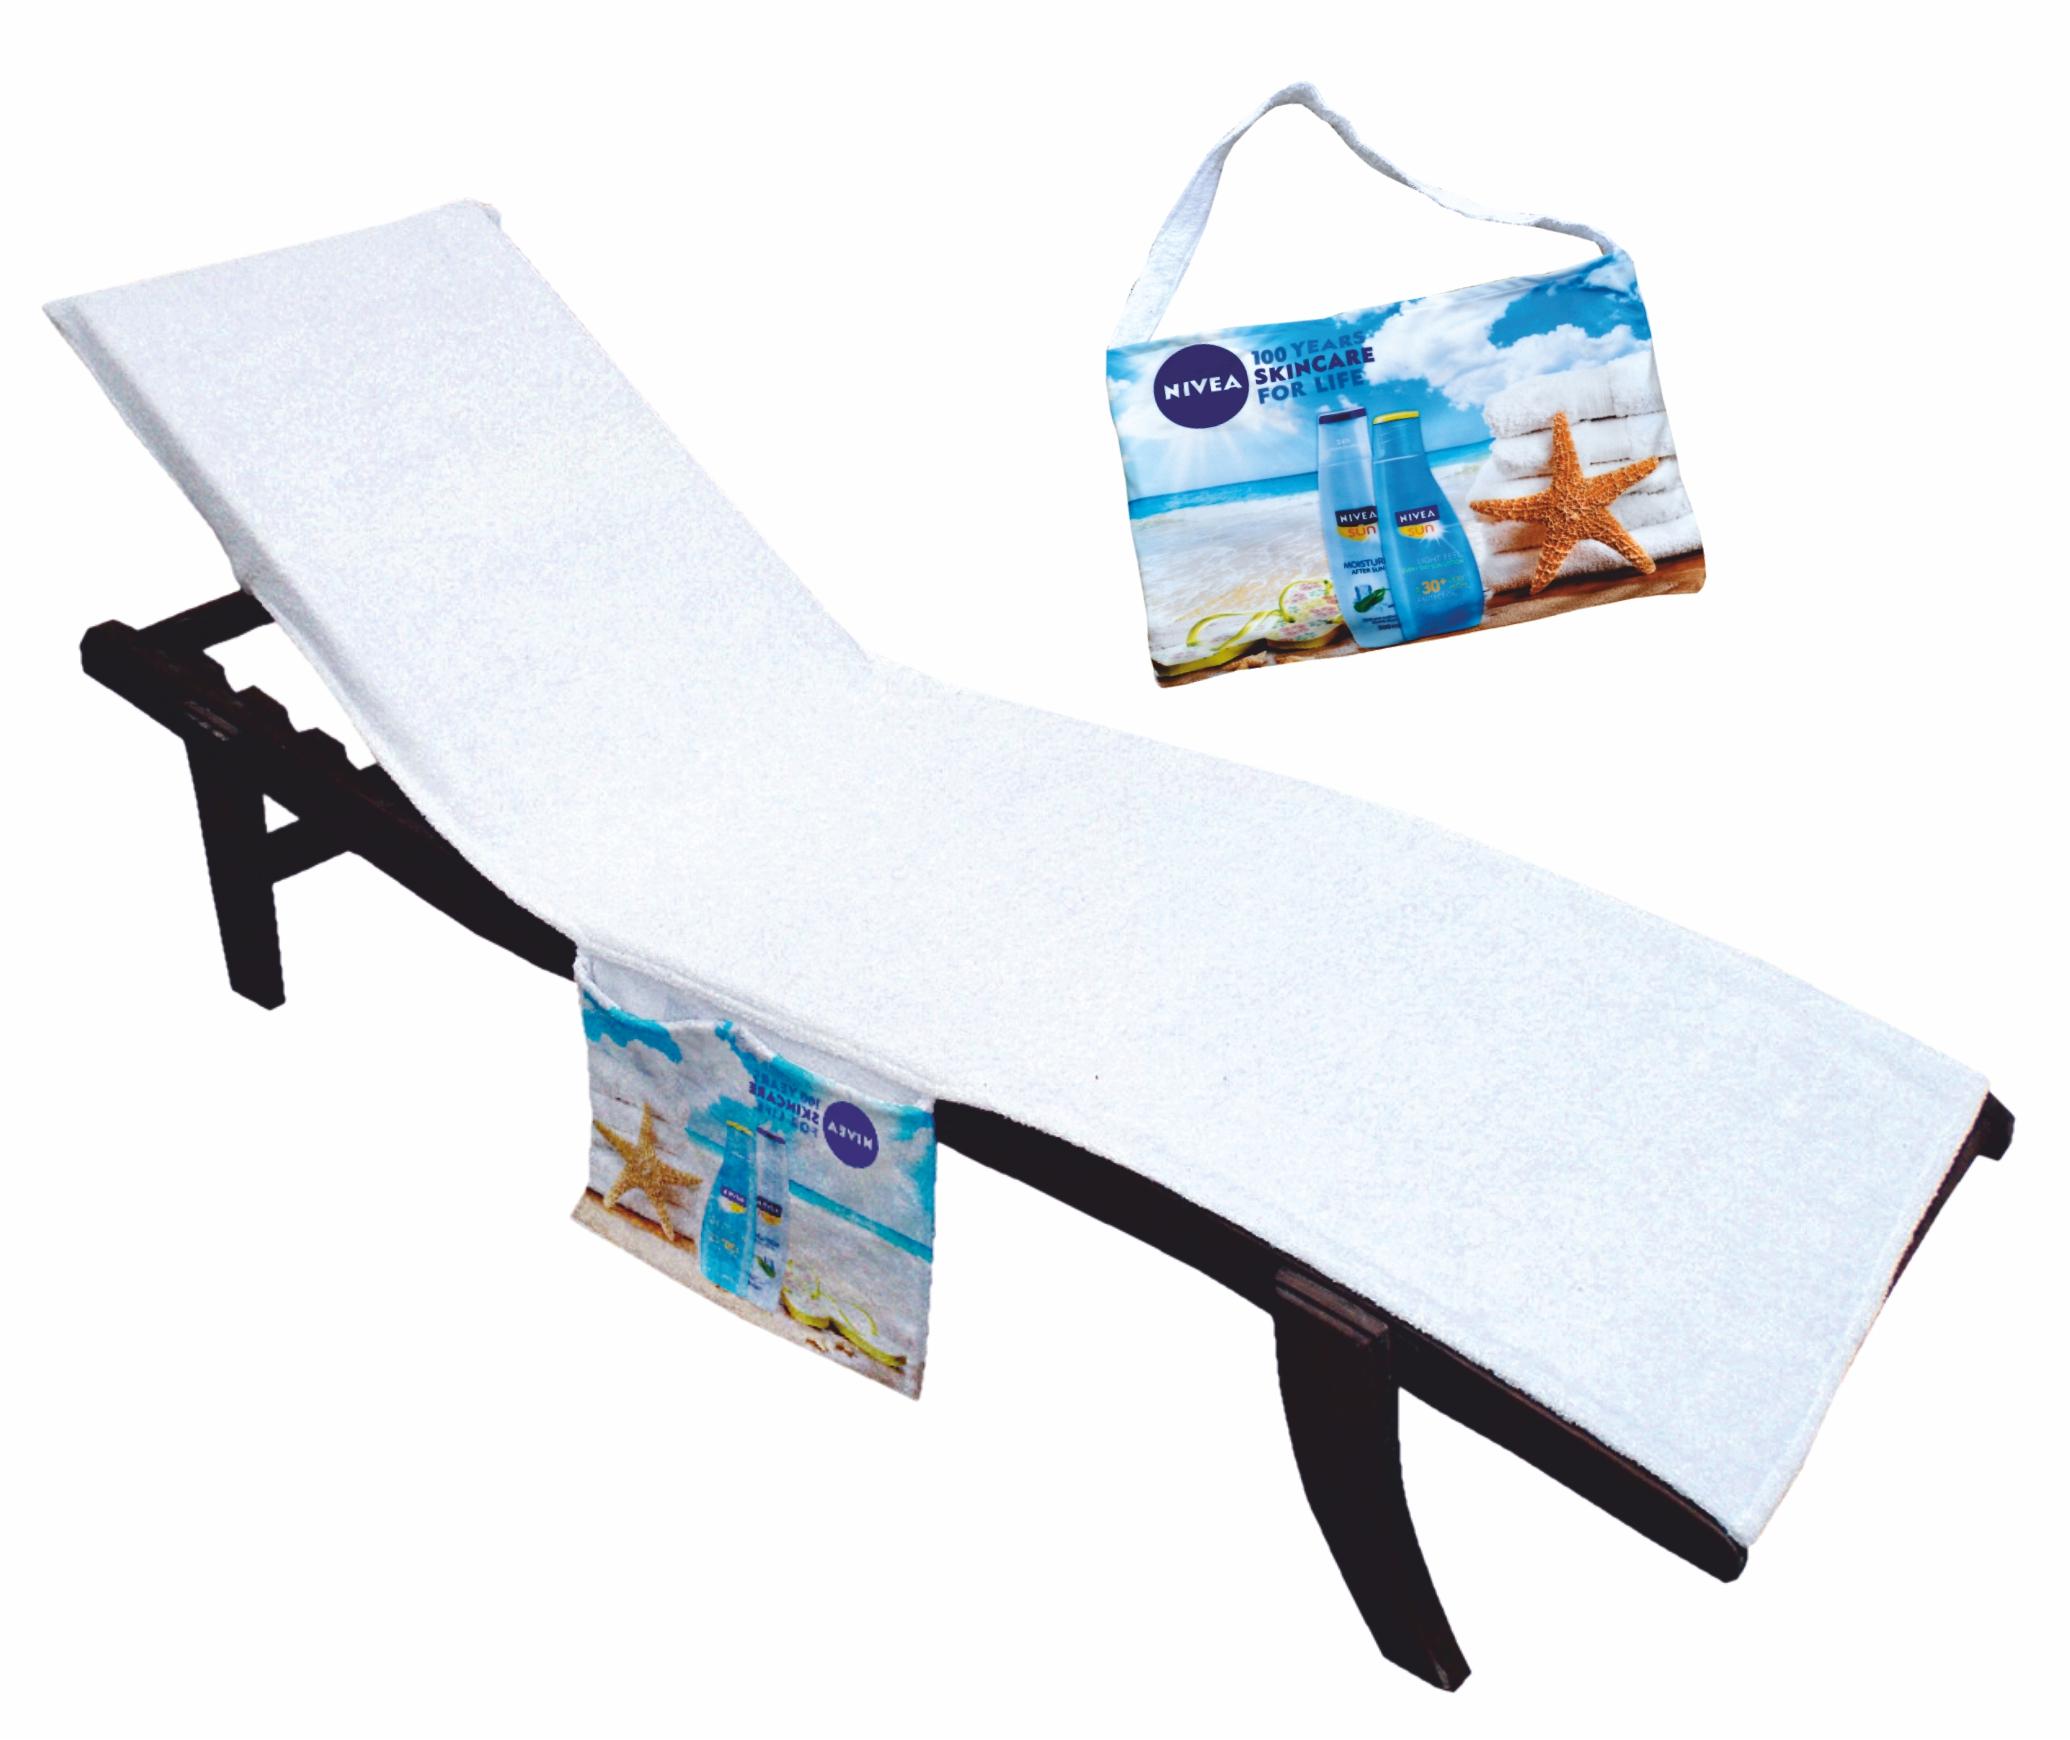 Printed Lounge towel and bag